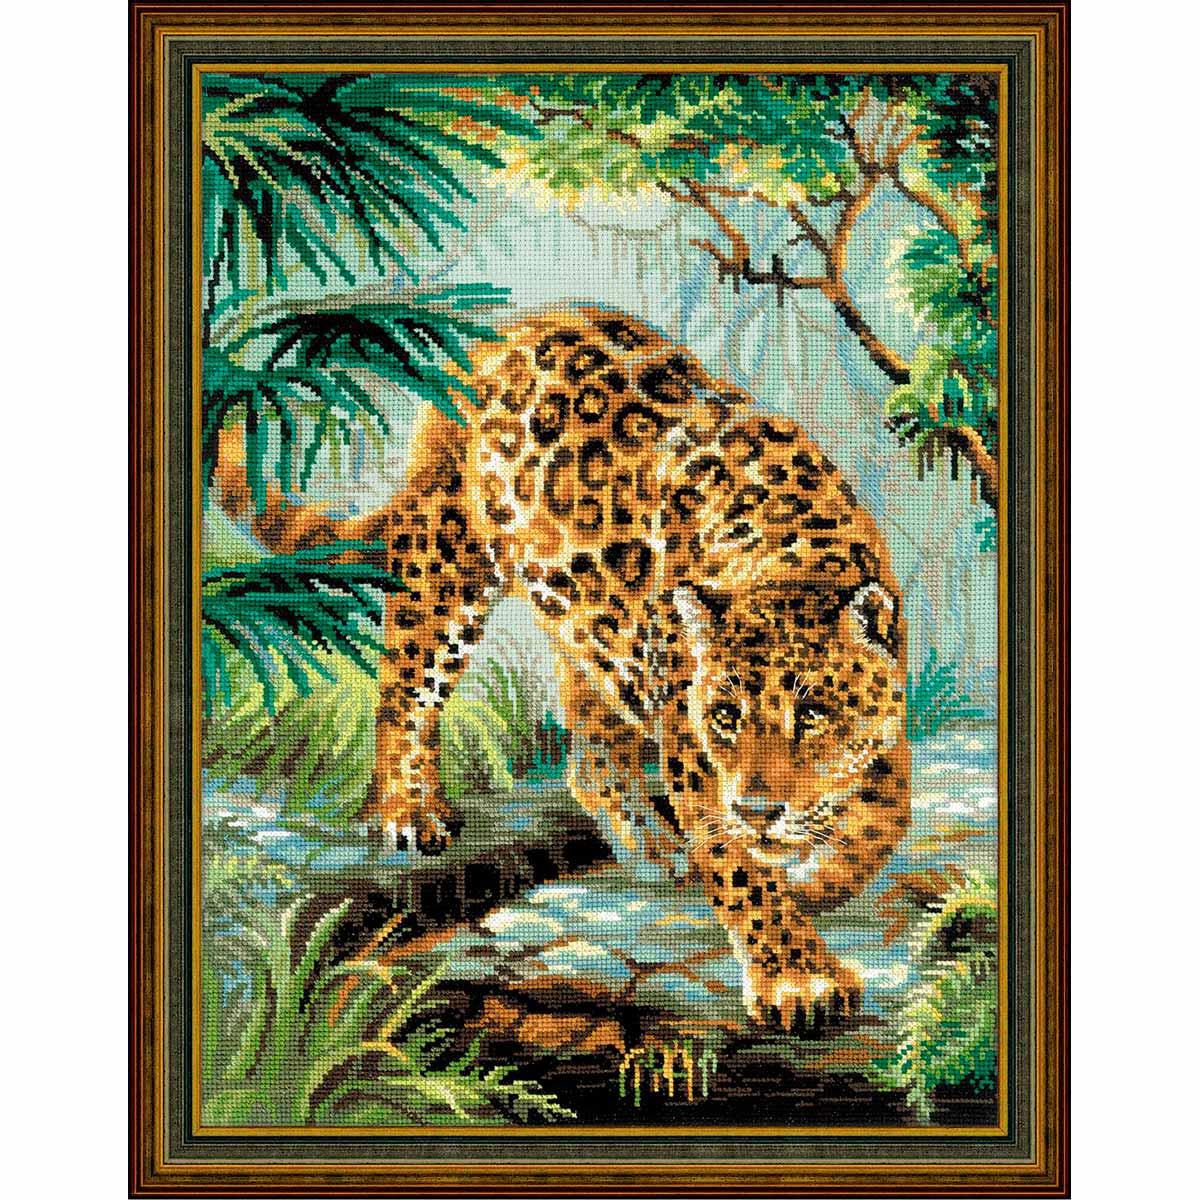 1549 Набор для вышивания Riolis 'Хозяин джунглей', 30*40 см